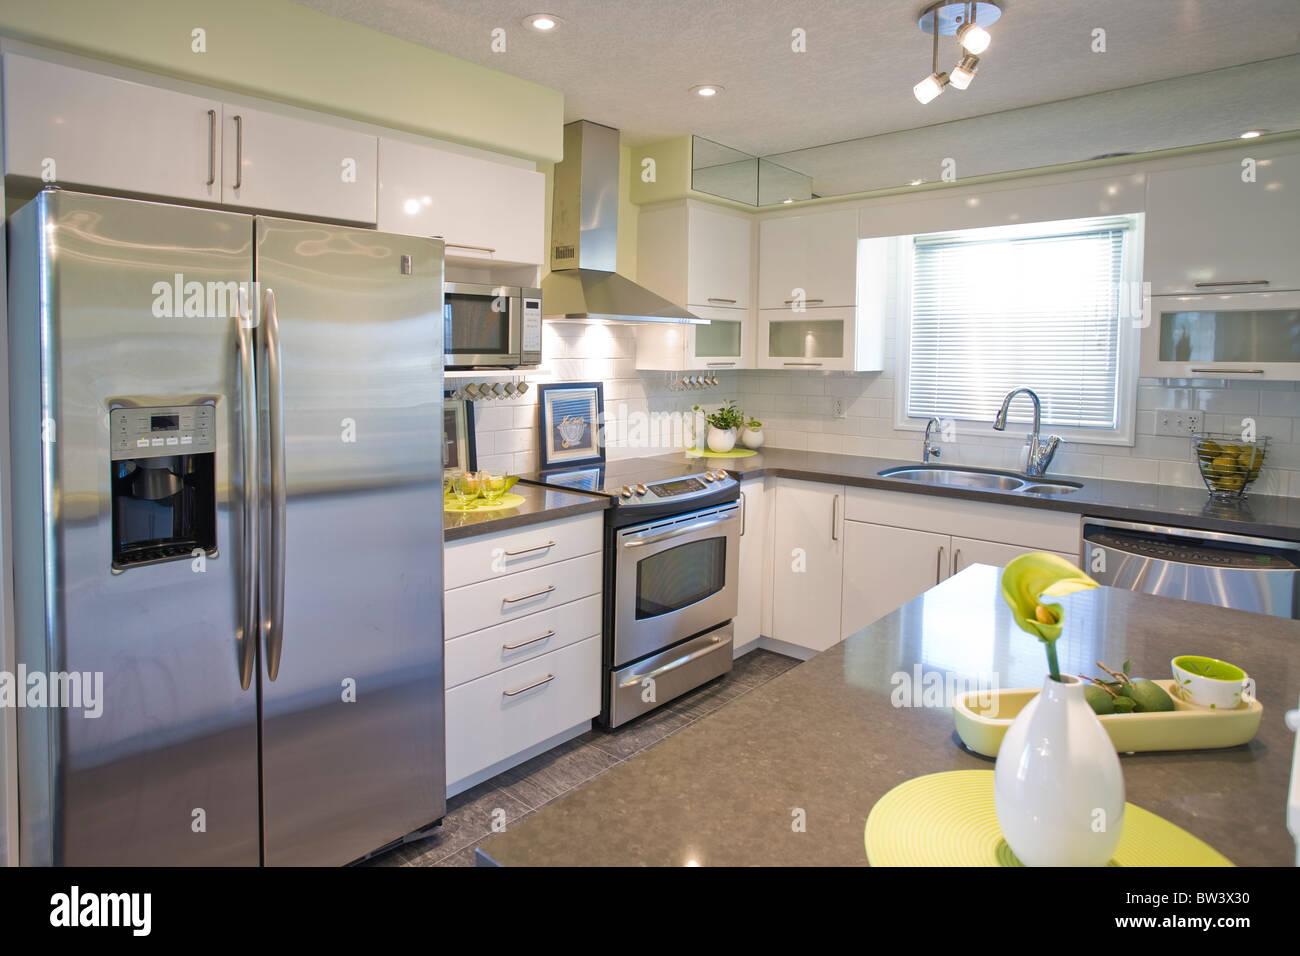 Moderne Küche mit Edelstahl-Kühlschrank Stockfoto, Bild ...